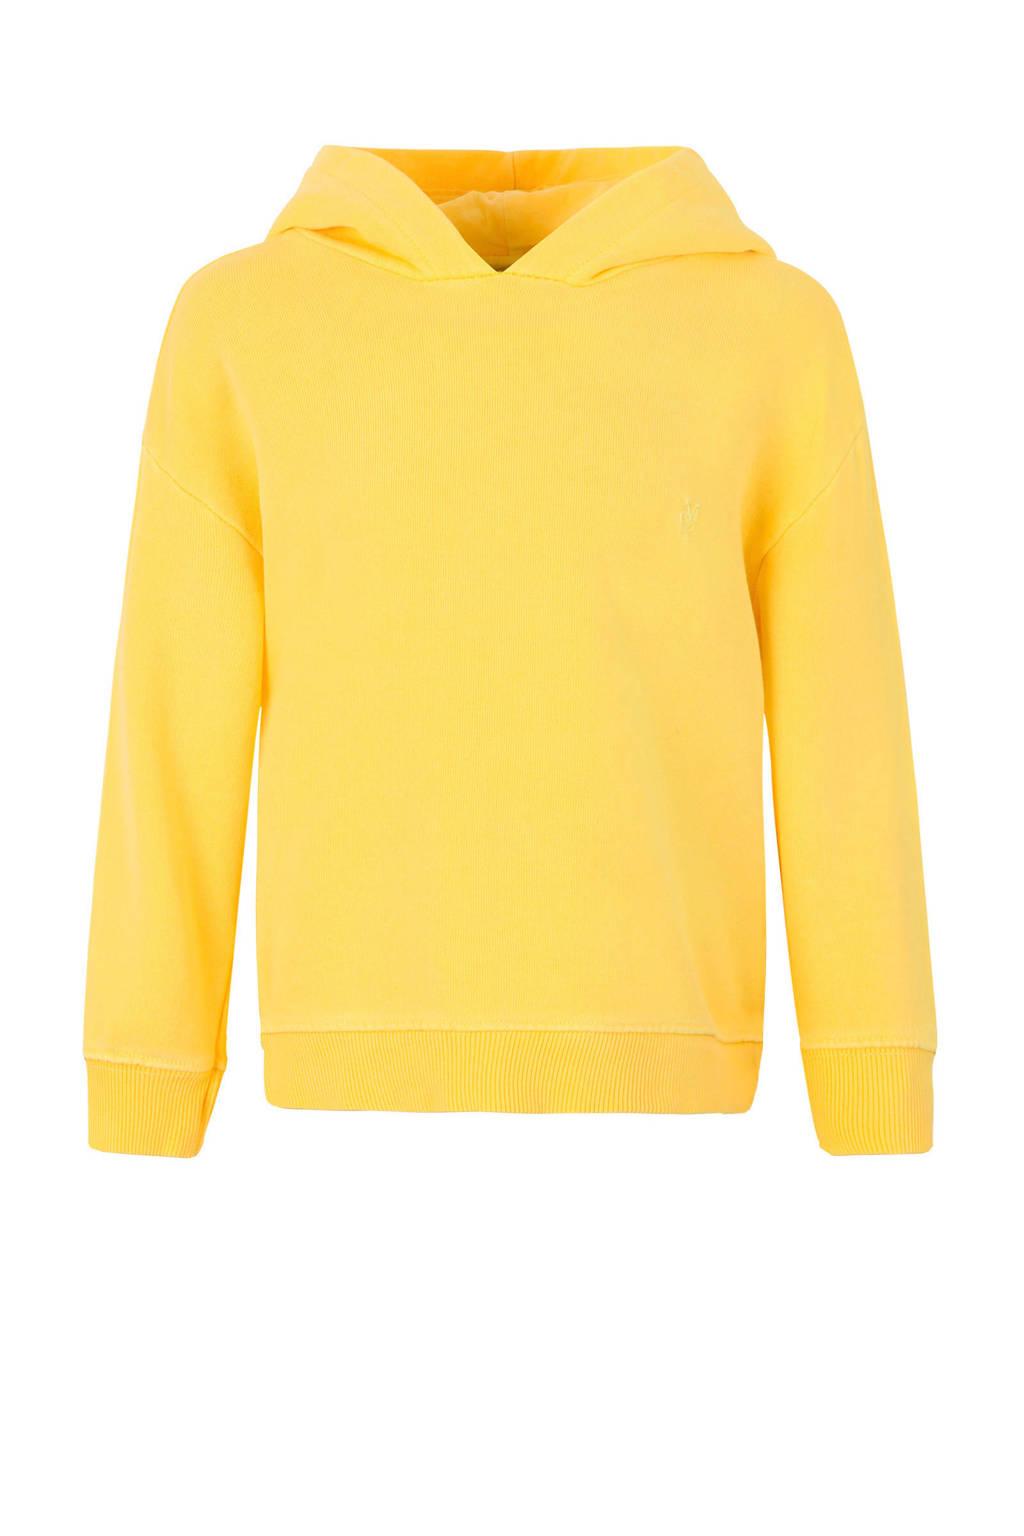 Marc O'Polo hoodie met logo geel, Geel